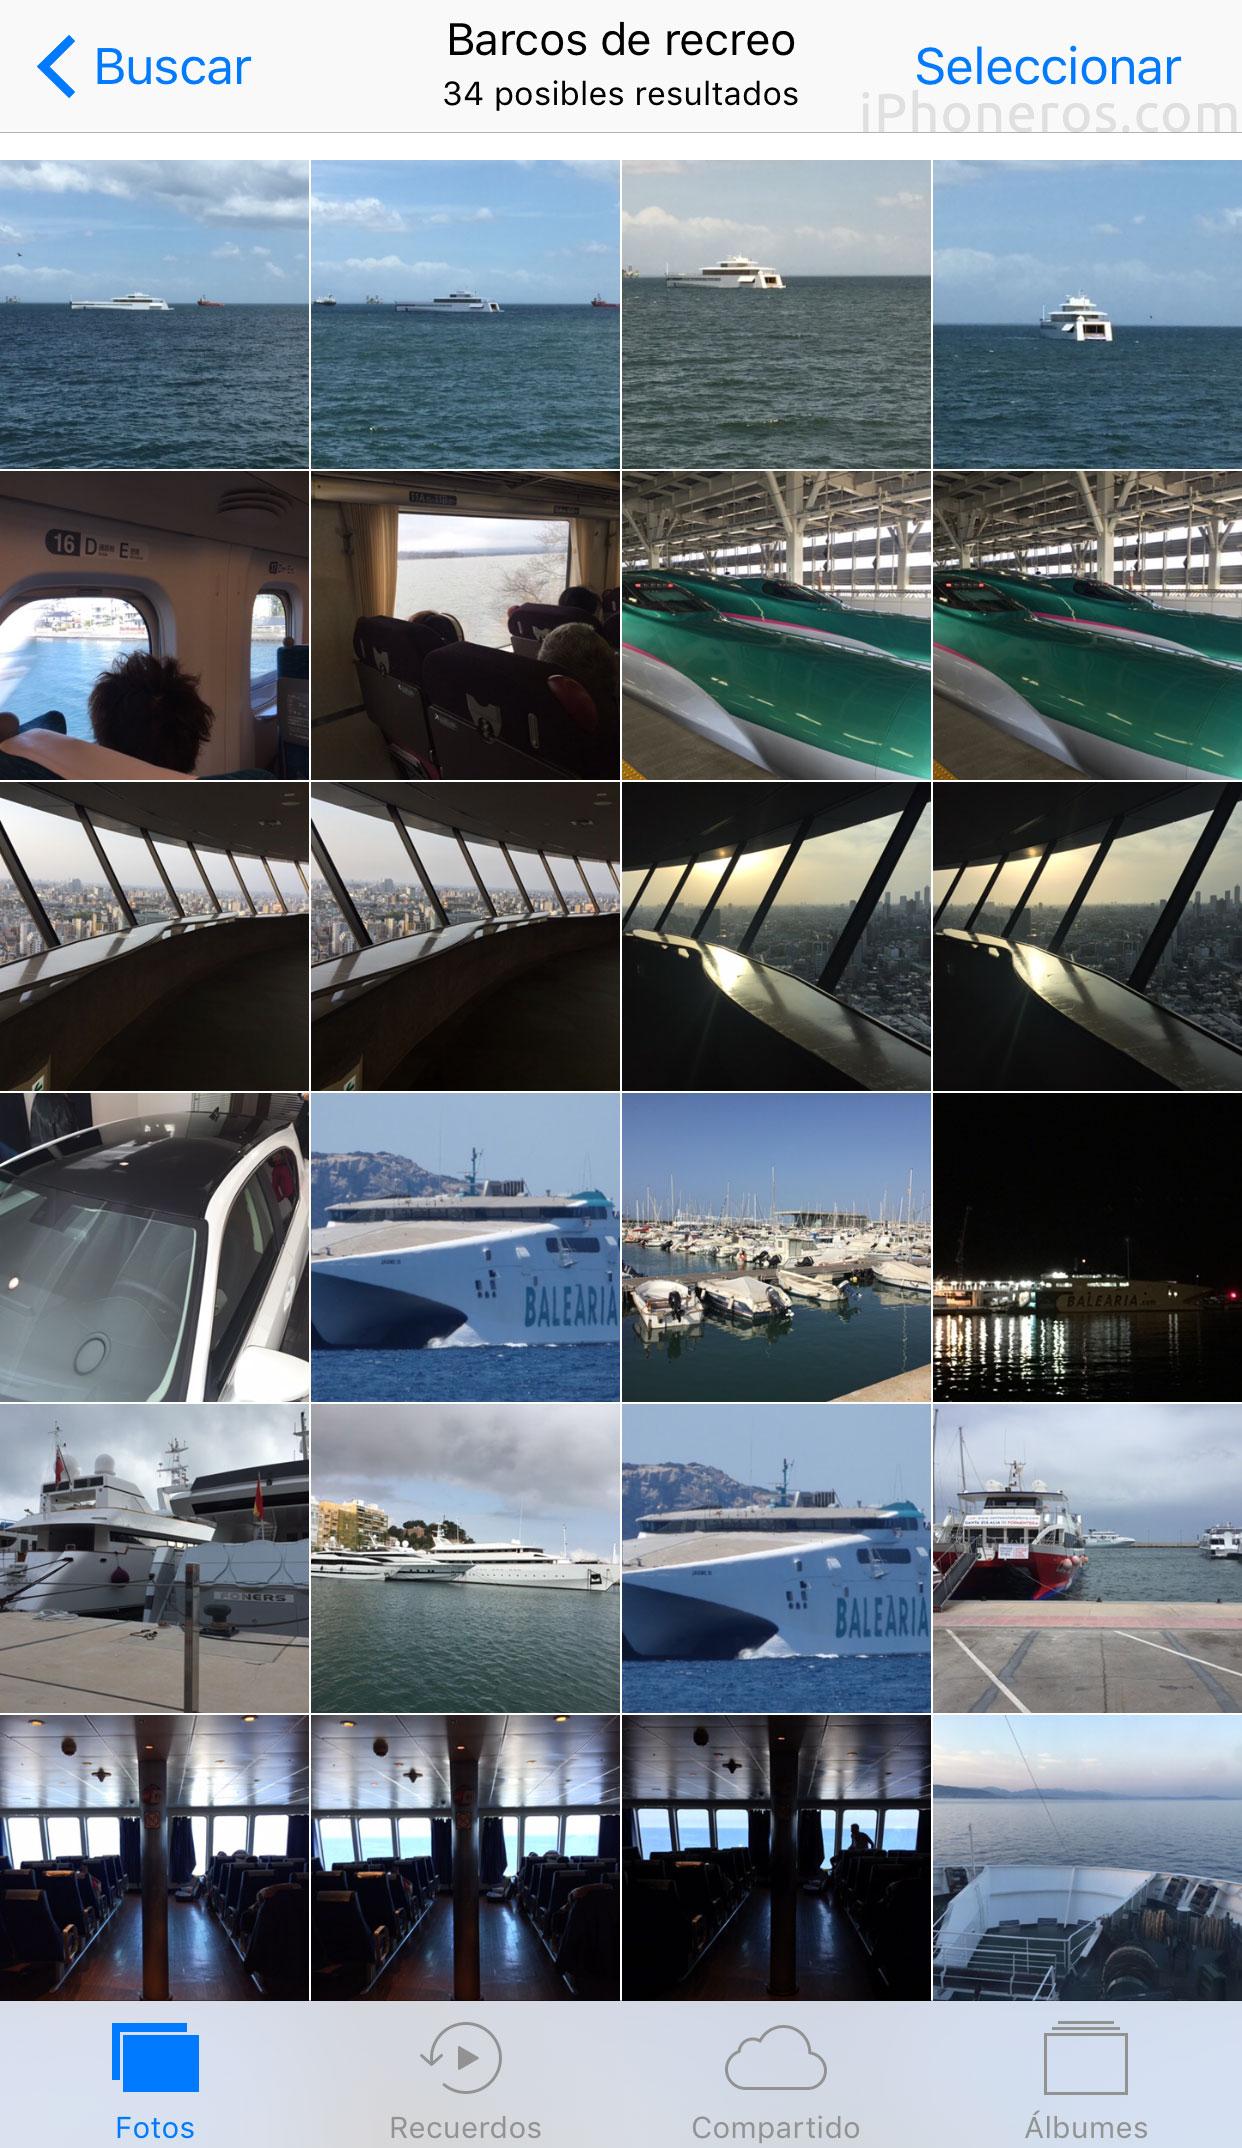 Barcos de recreo encontrados en el carrete de fotos